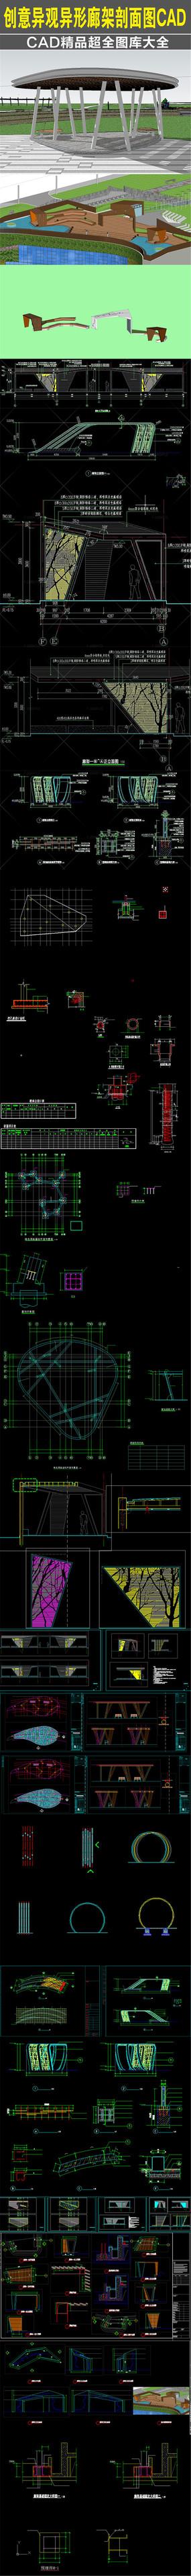 异形廊架剖面图CAD图集